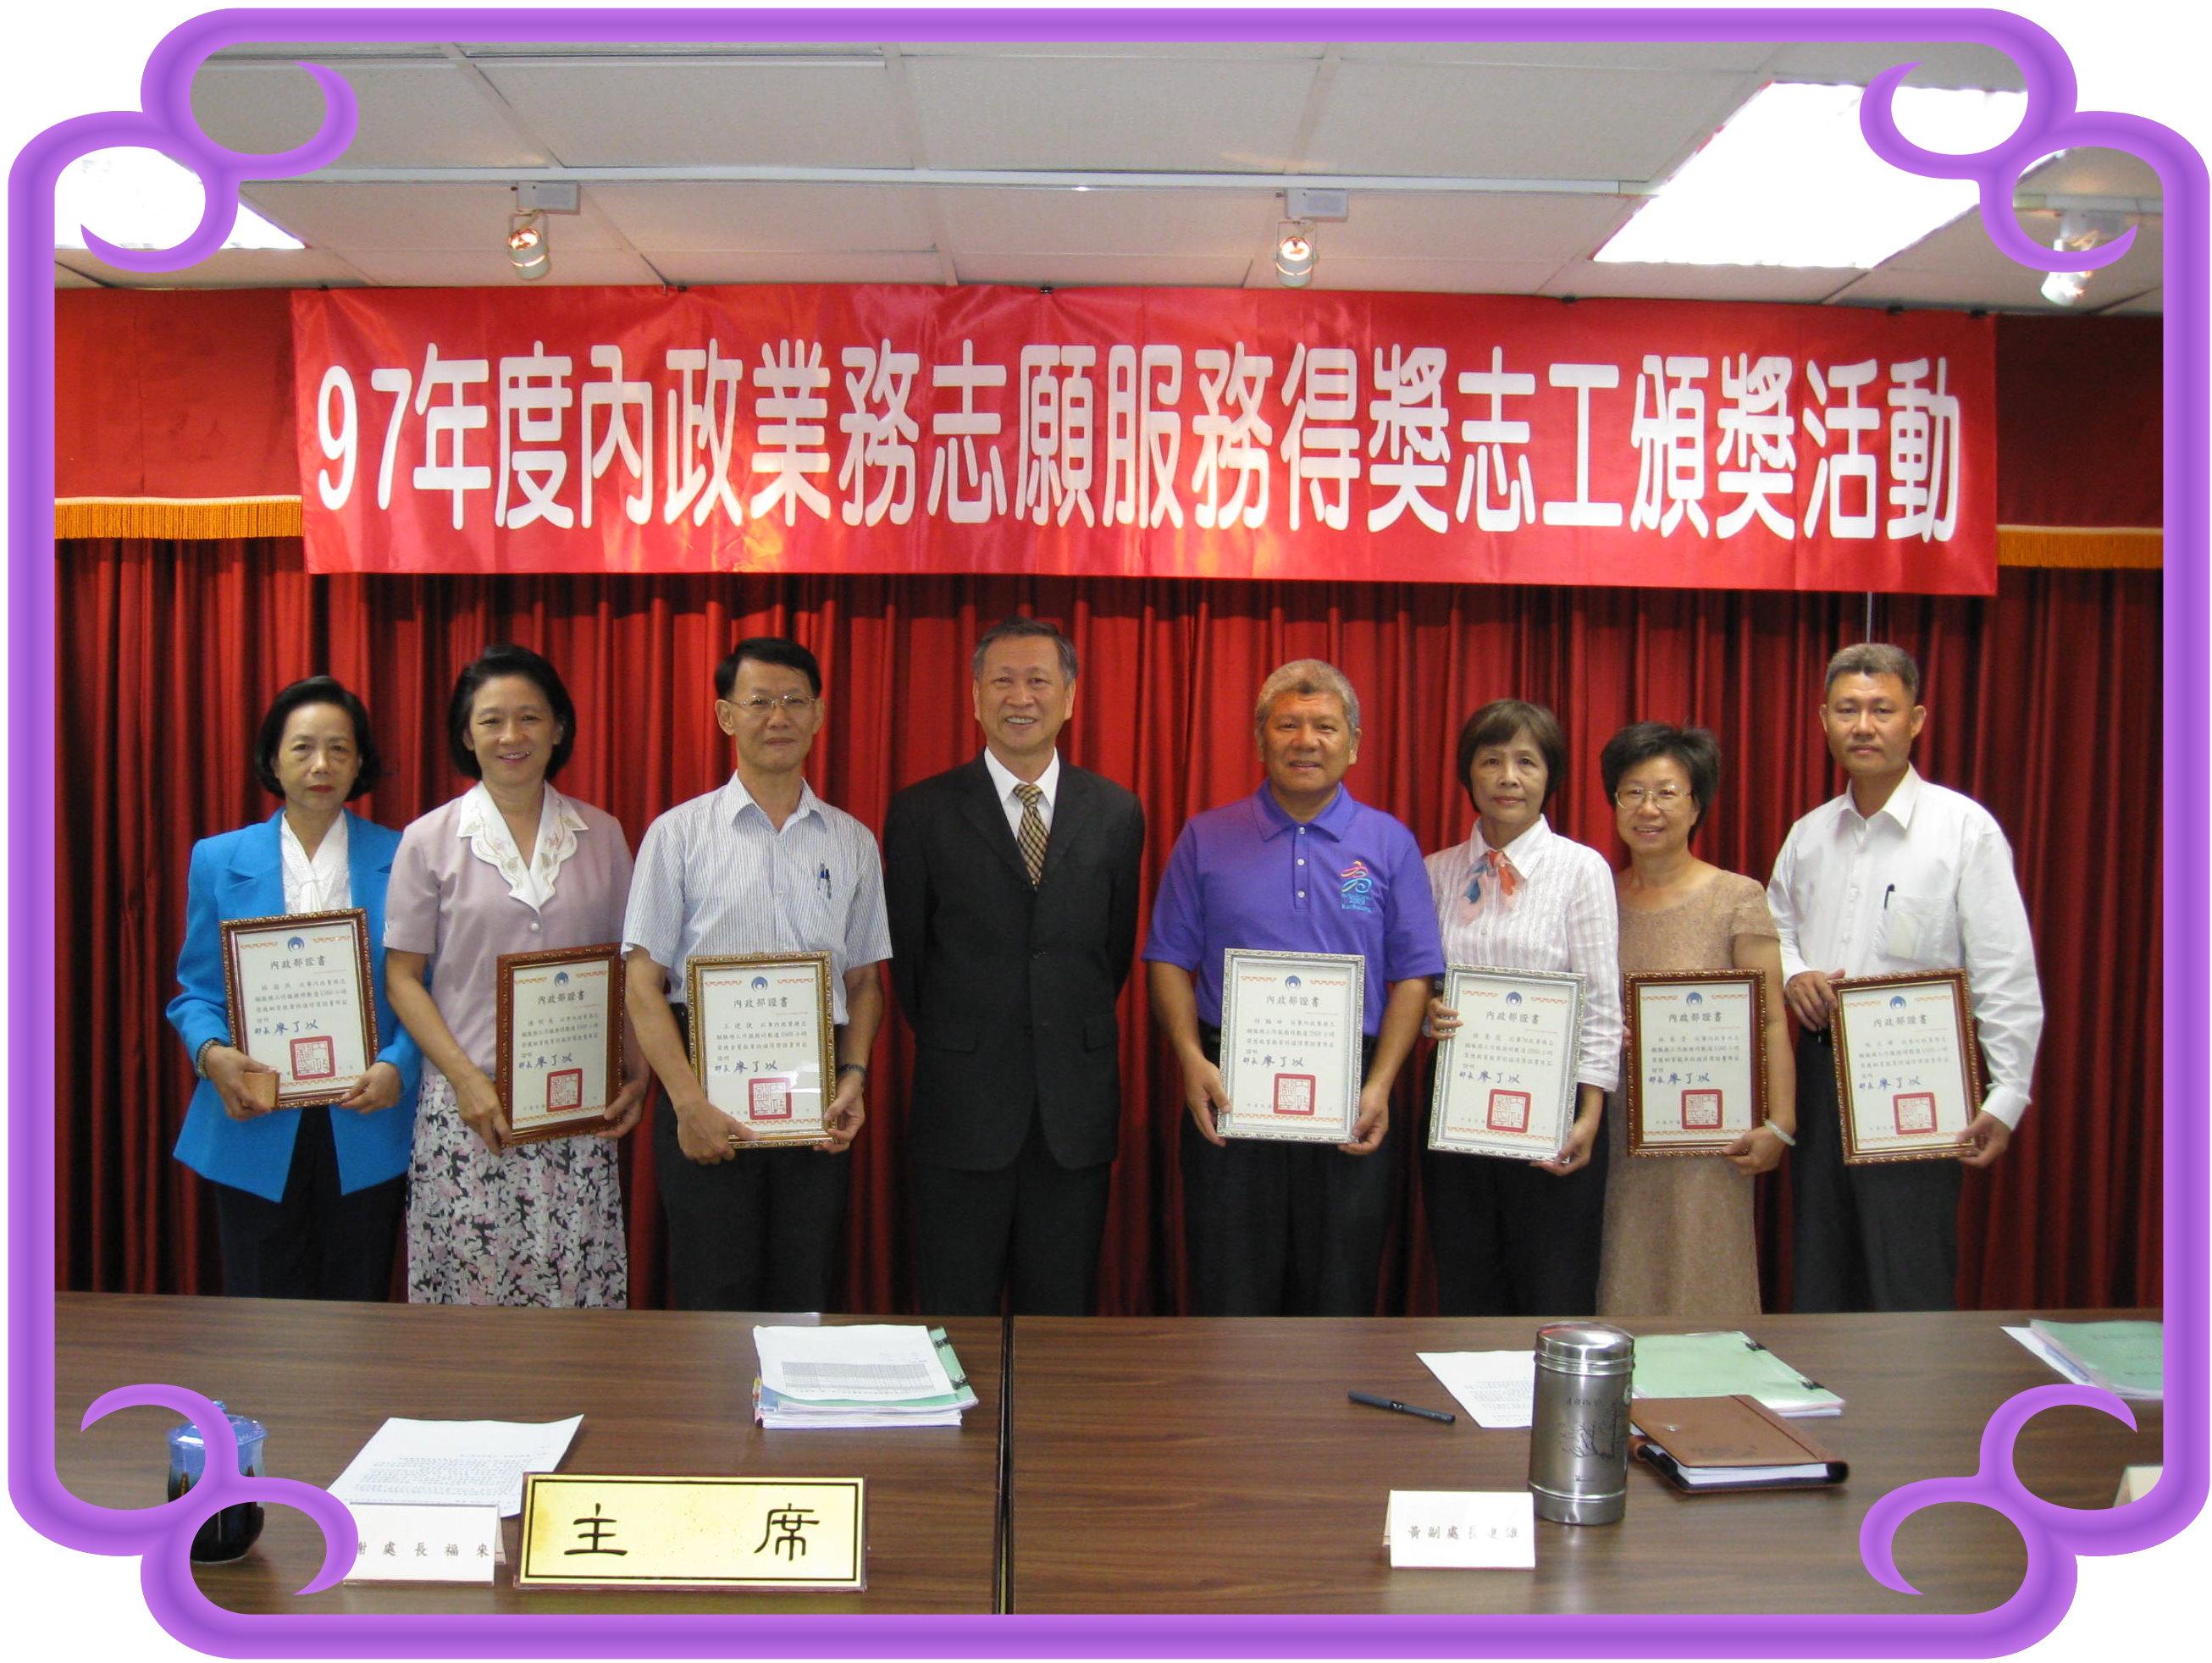 98年內政部地政業務徽章頒獎